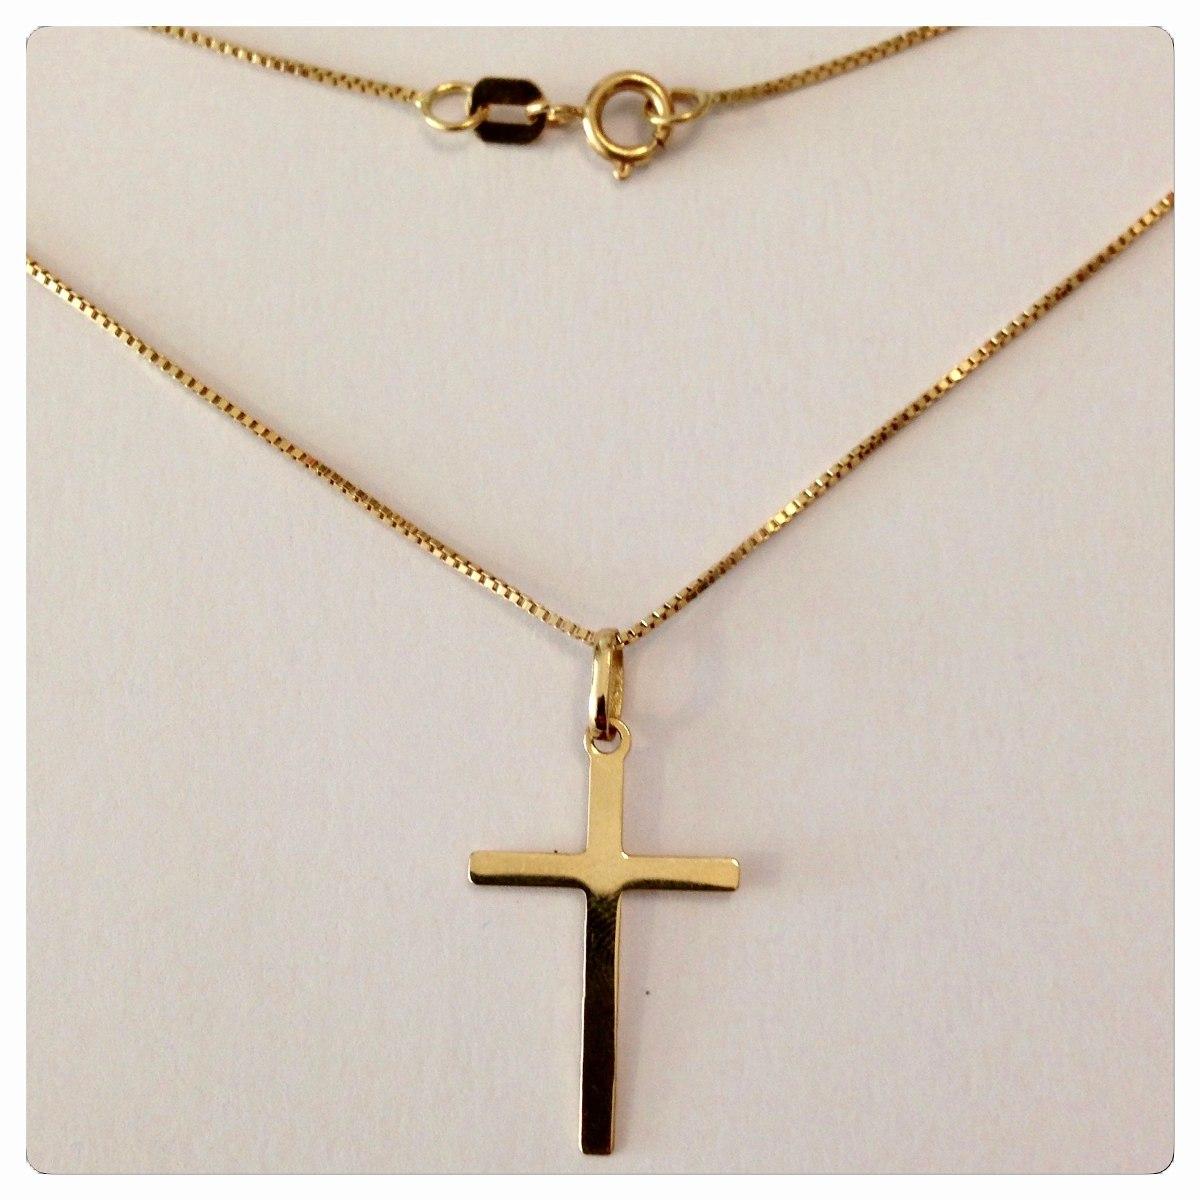 b403d72f117 Corrente 60cm 1.90grs Pingente Cruz Crucifixo Joia Ouro 18k - R  813 ...